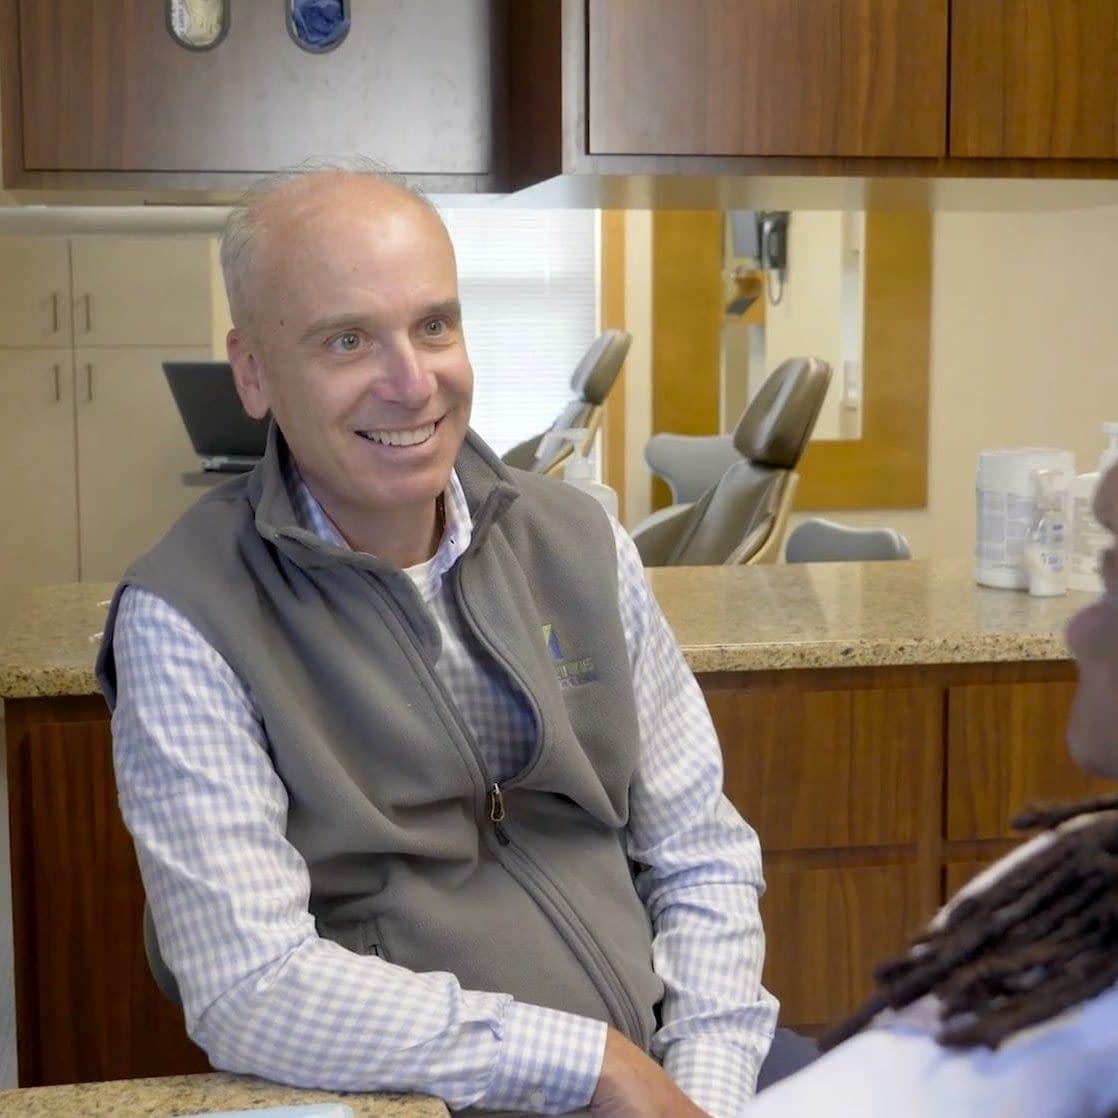 Dr. Vermette smiling at a patient